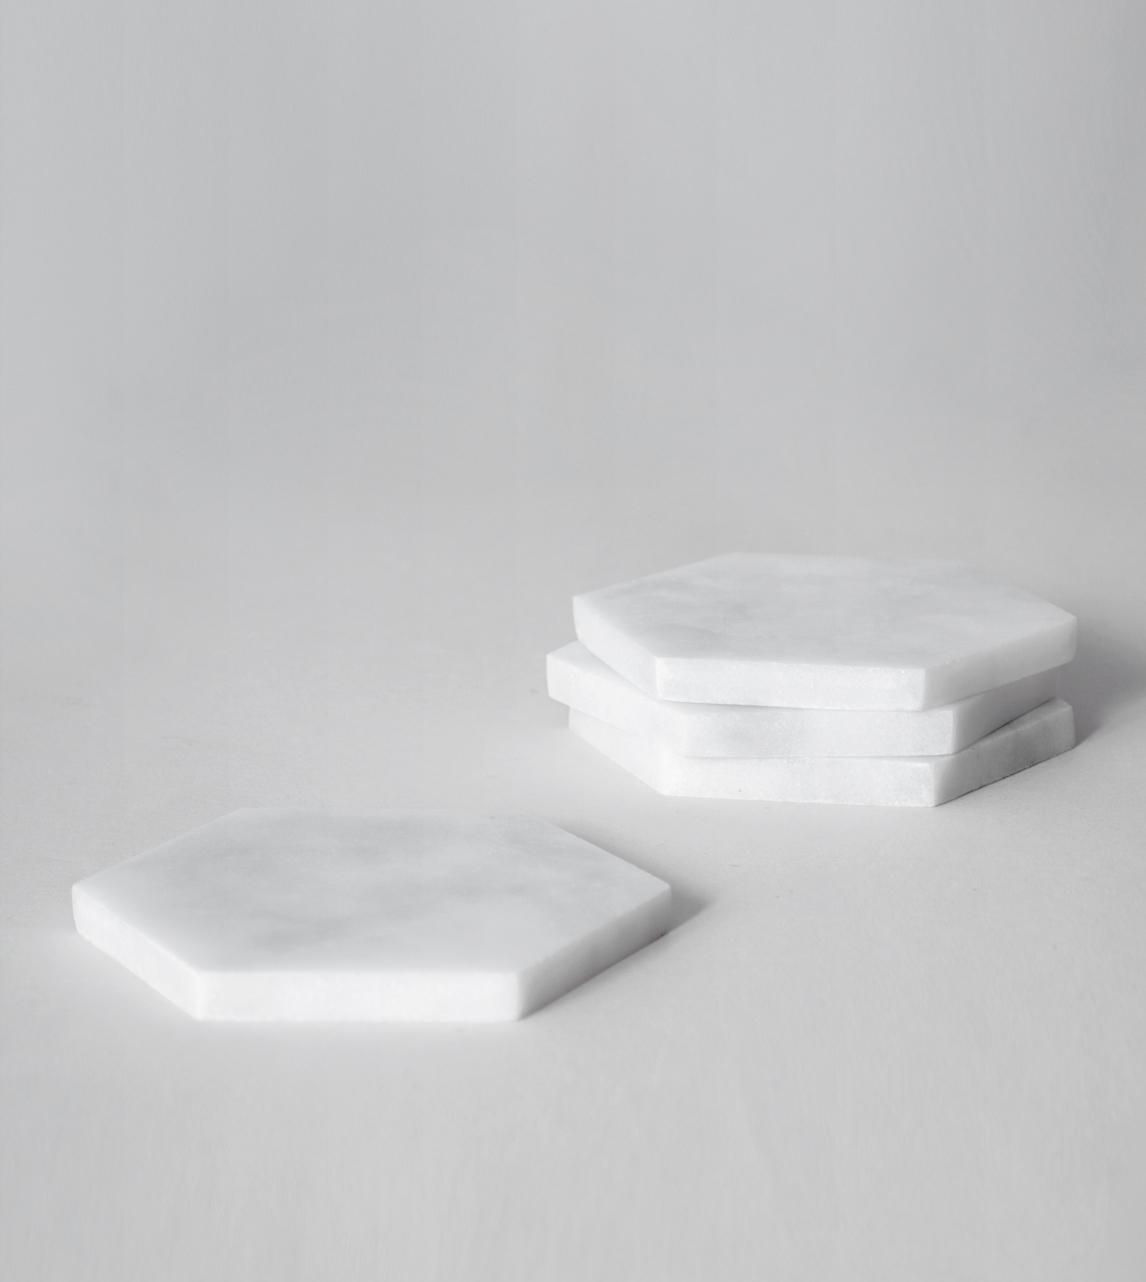 Kiwano Coasters White Marble Kiwano Swoon